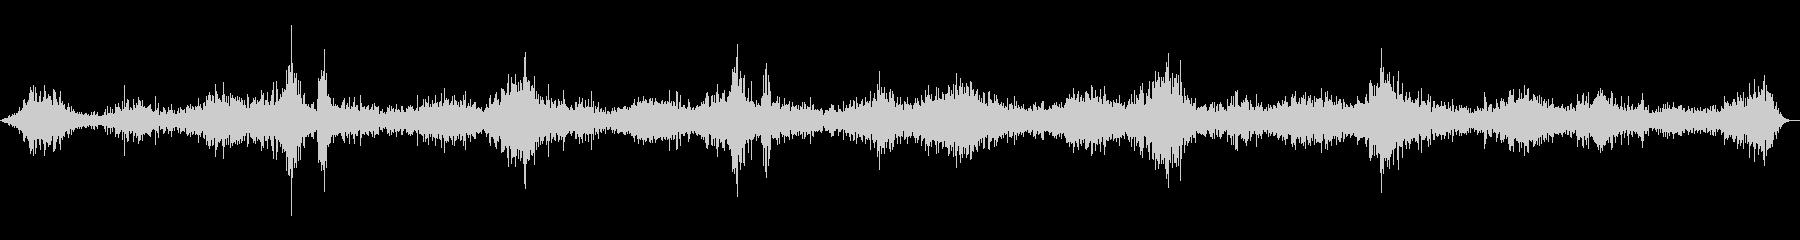 お米を研ぐ音(台所/炊事/ごはん)の未再生の波形